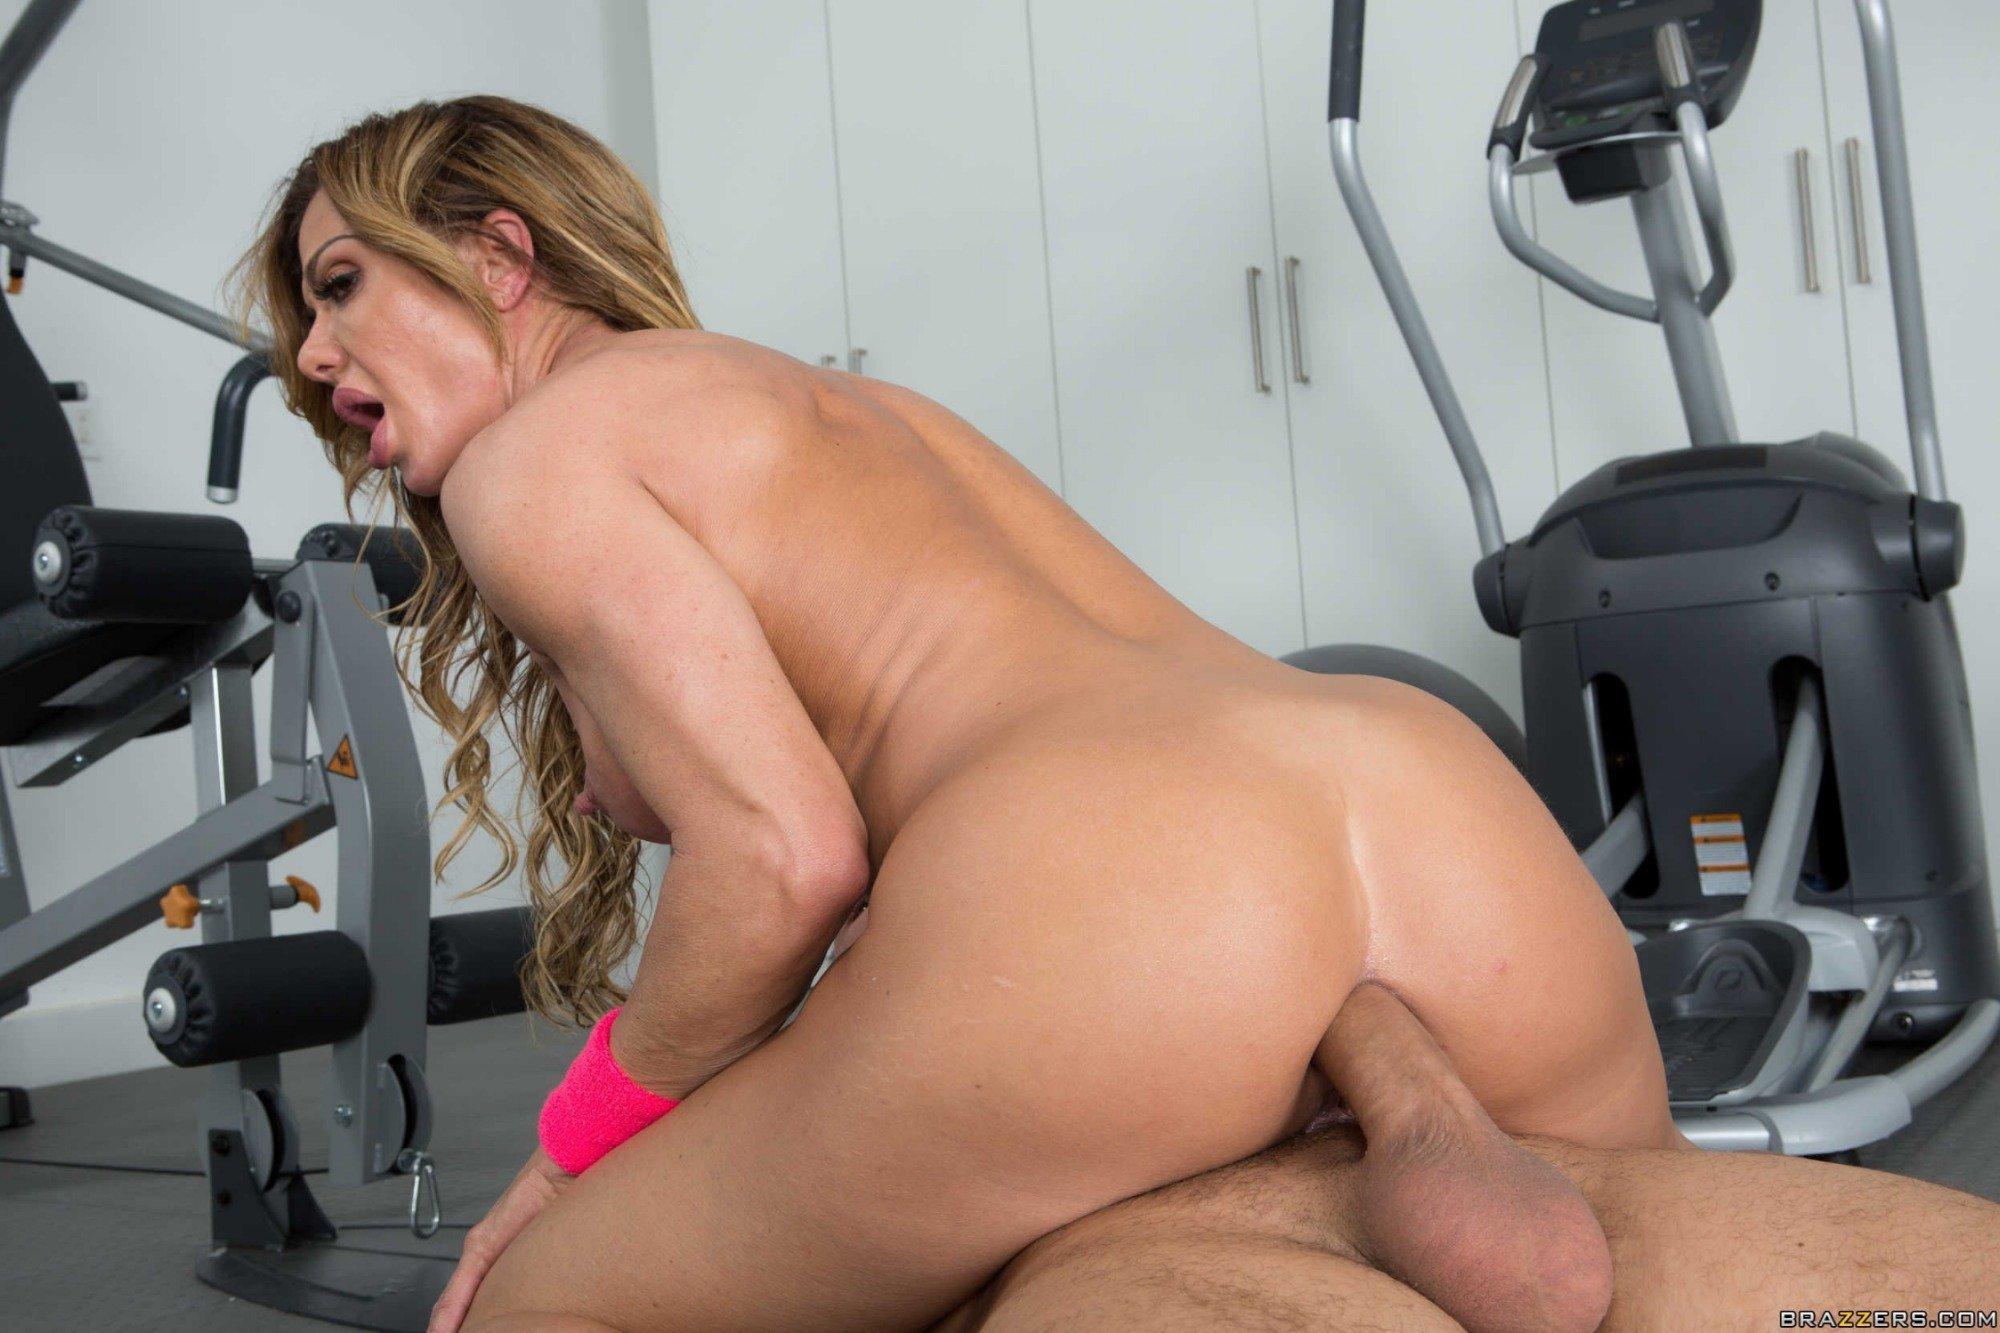 Толстая девушка перепихнулась с личным фитнес-тренером порно фото бесплатно